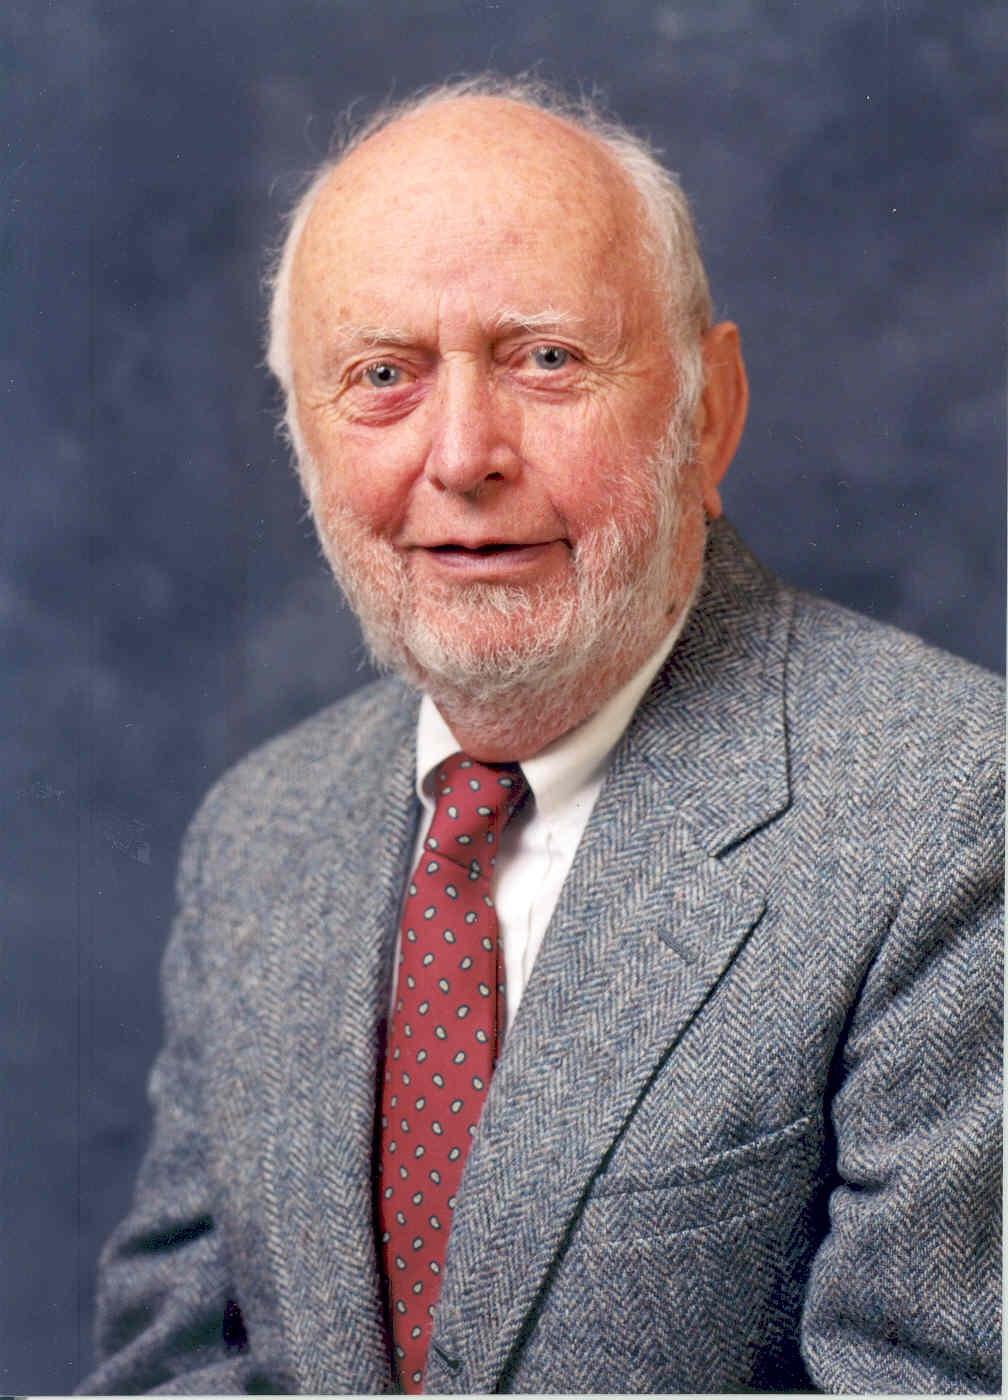 道格拉斯.诺斯教授